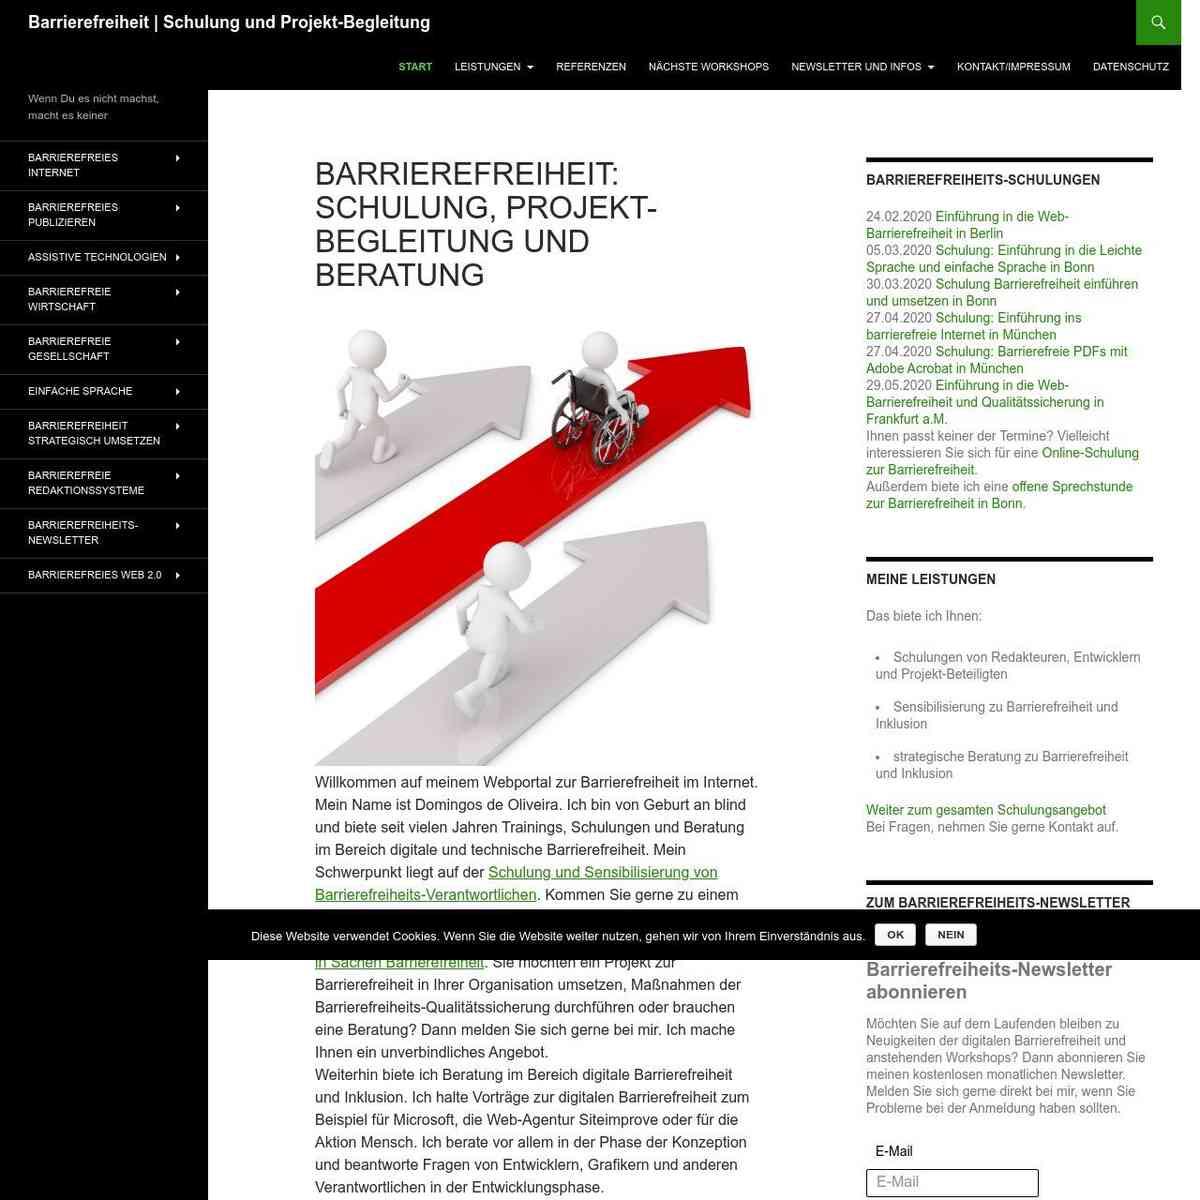 Barrierefreiheit - Schulung, Beratung, Begleitung - Barrierefreiheit | Schulung und Projekt-Begleit…